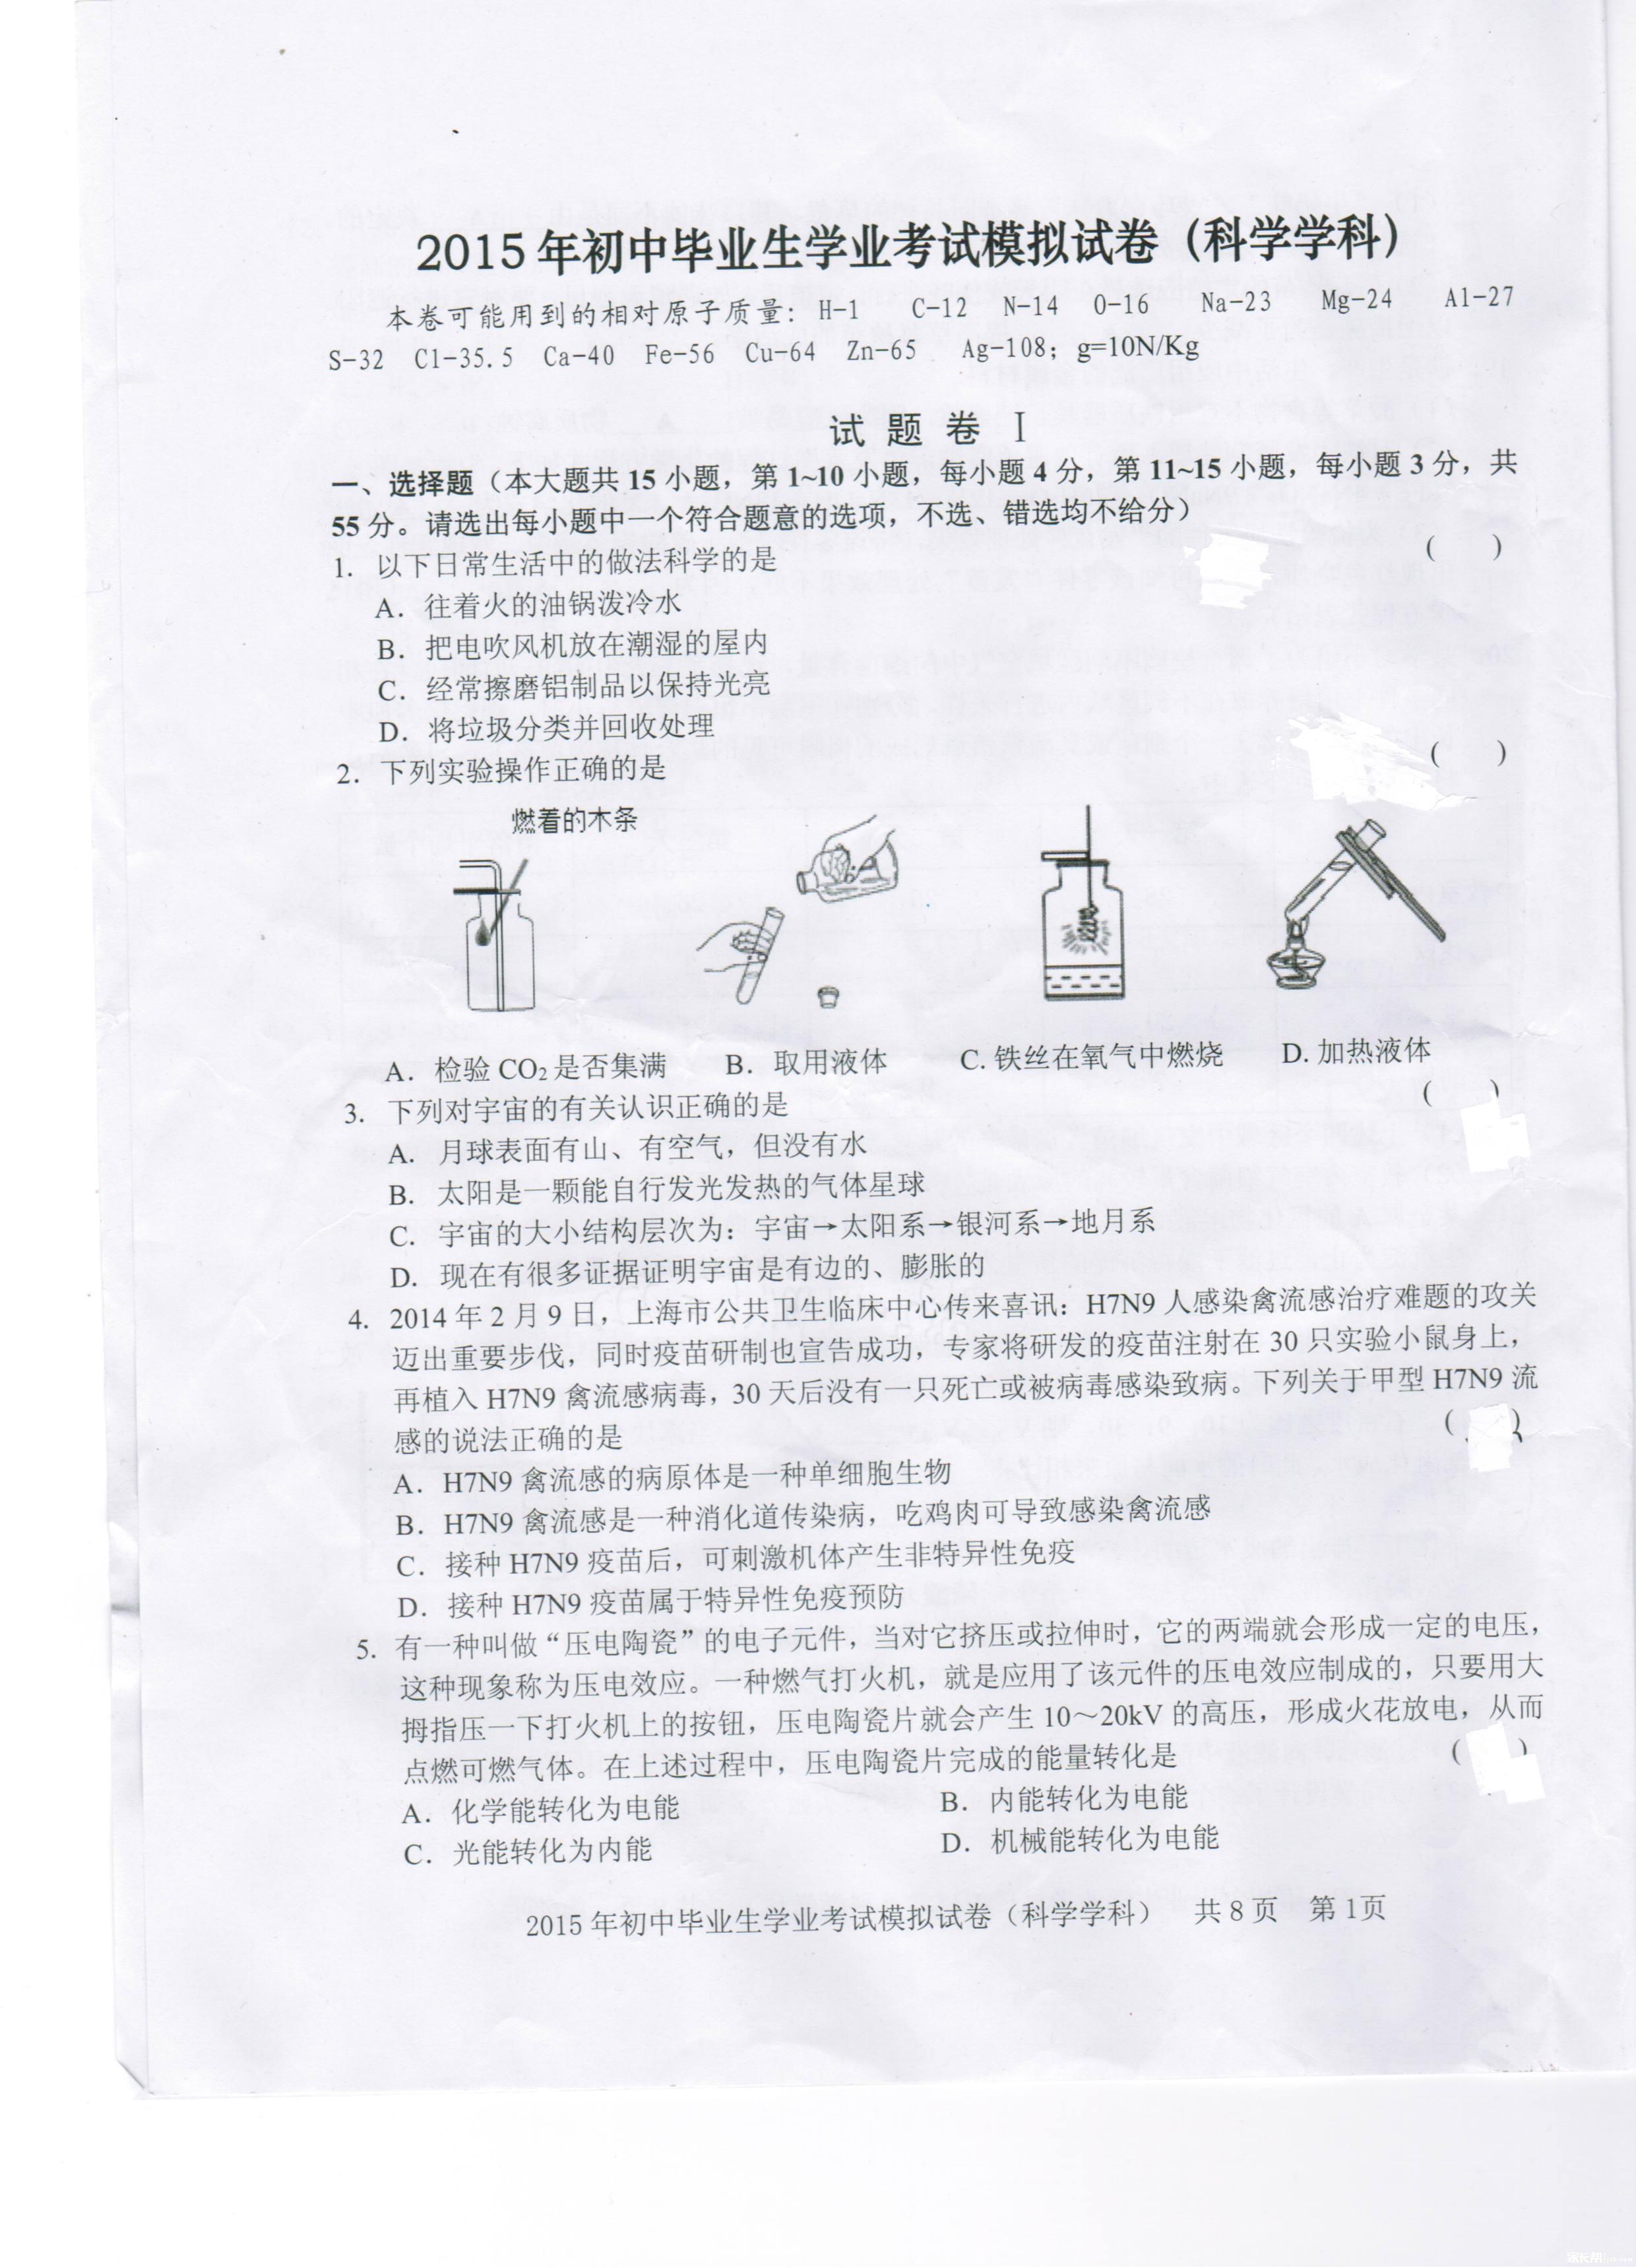 江北科学模拟卷1.jpg